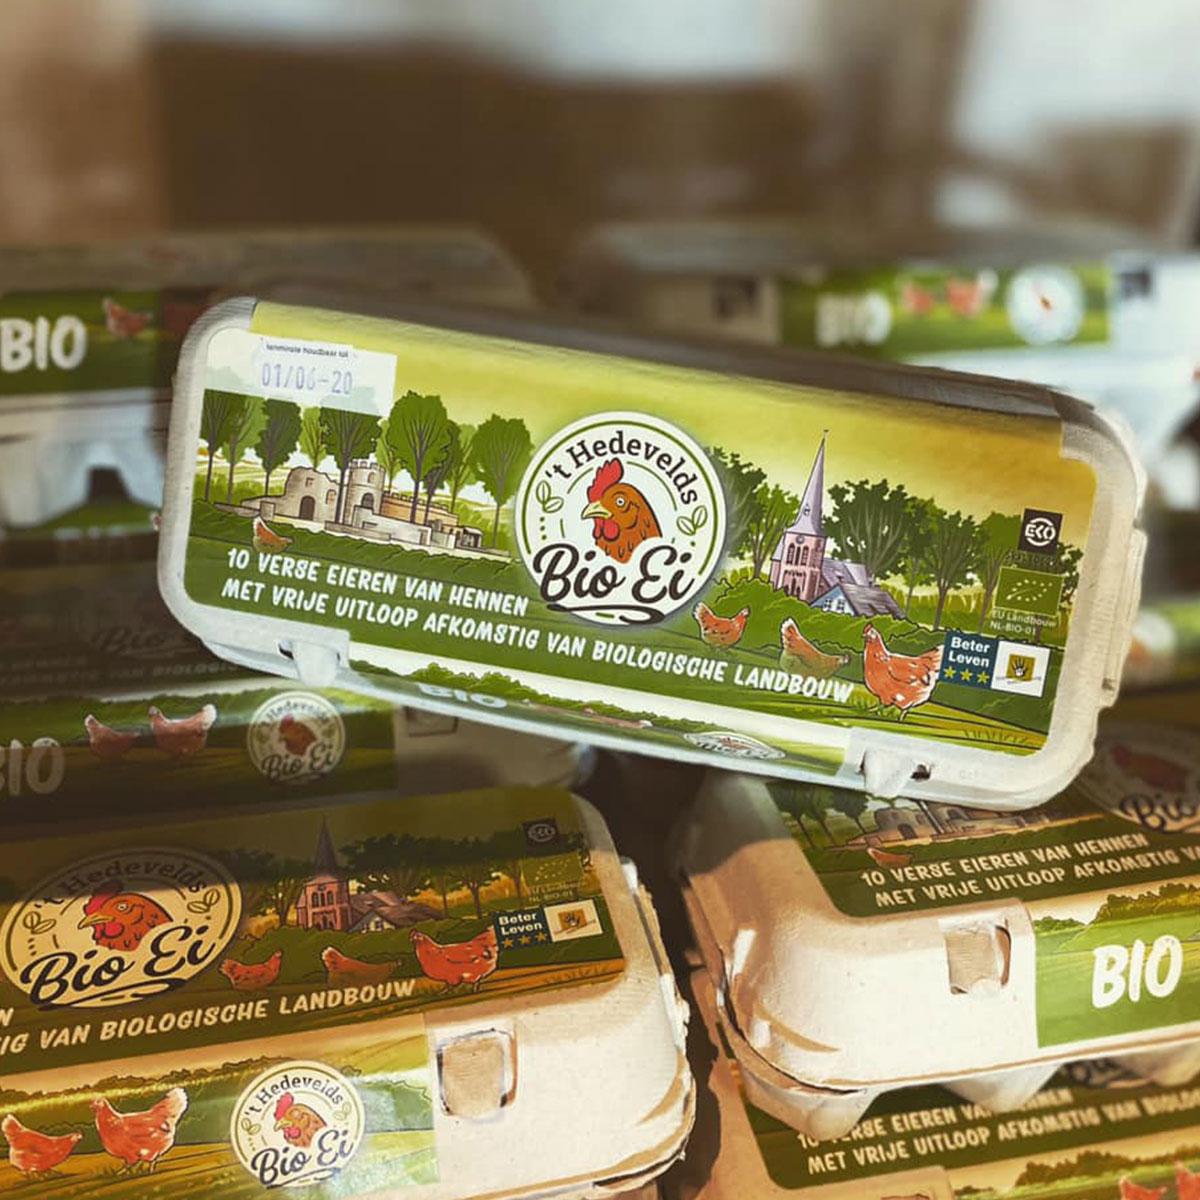 hedeveld-bio-ei-lenferts-beef-boerderijwinkel-fleringen-twente